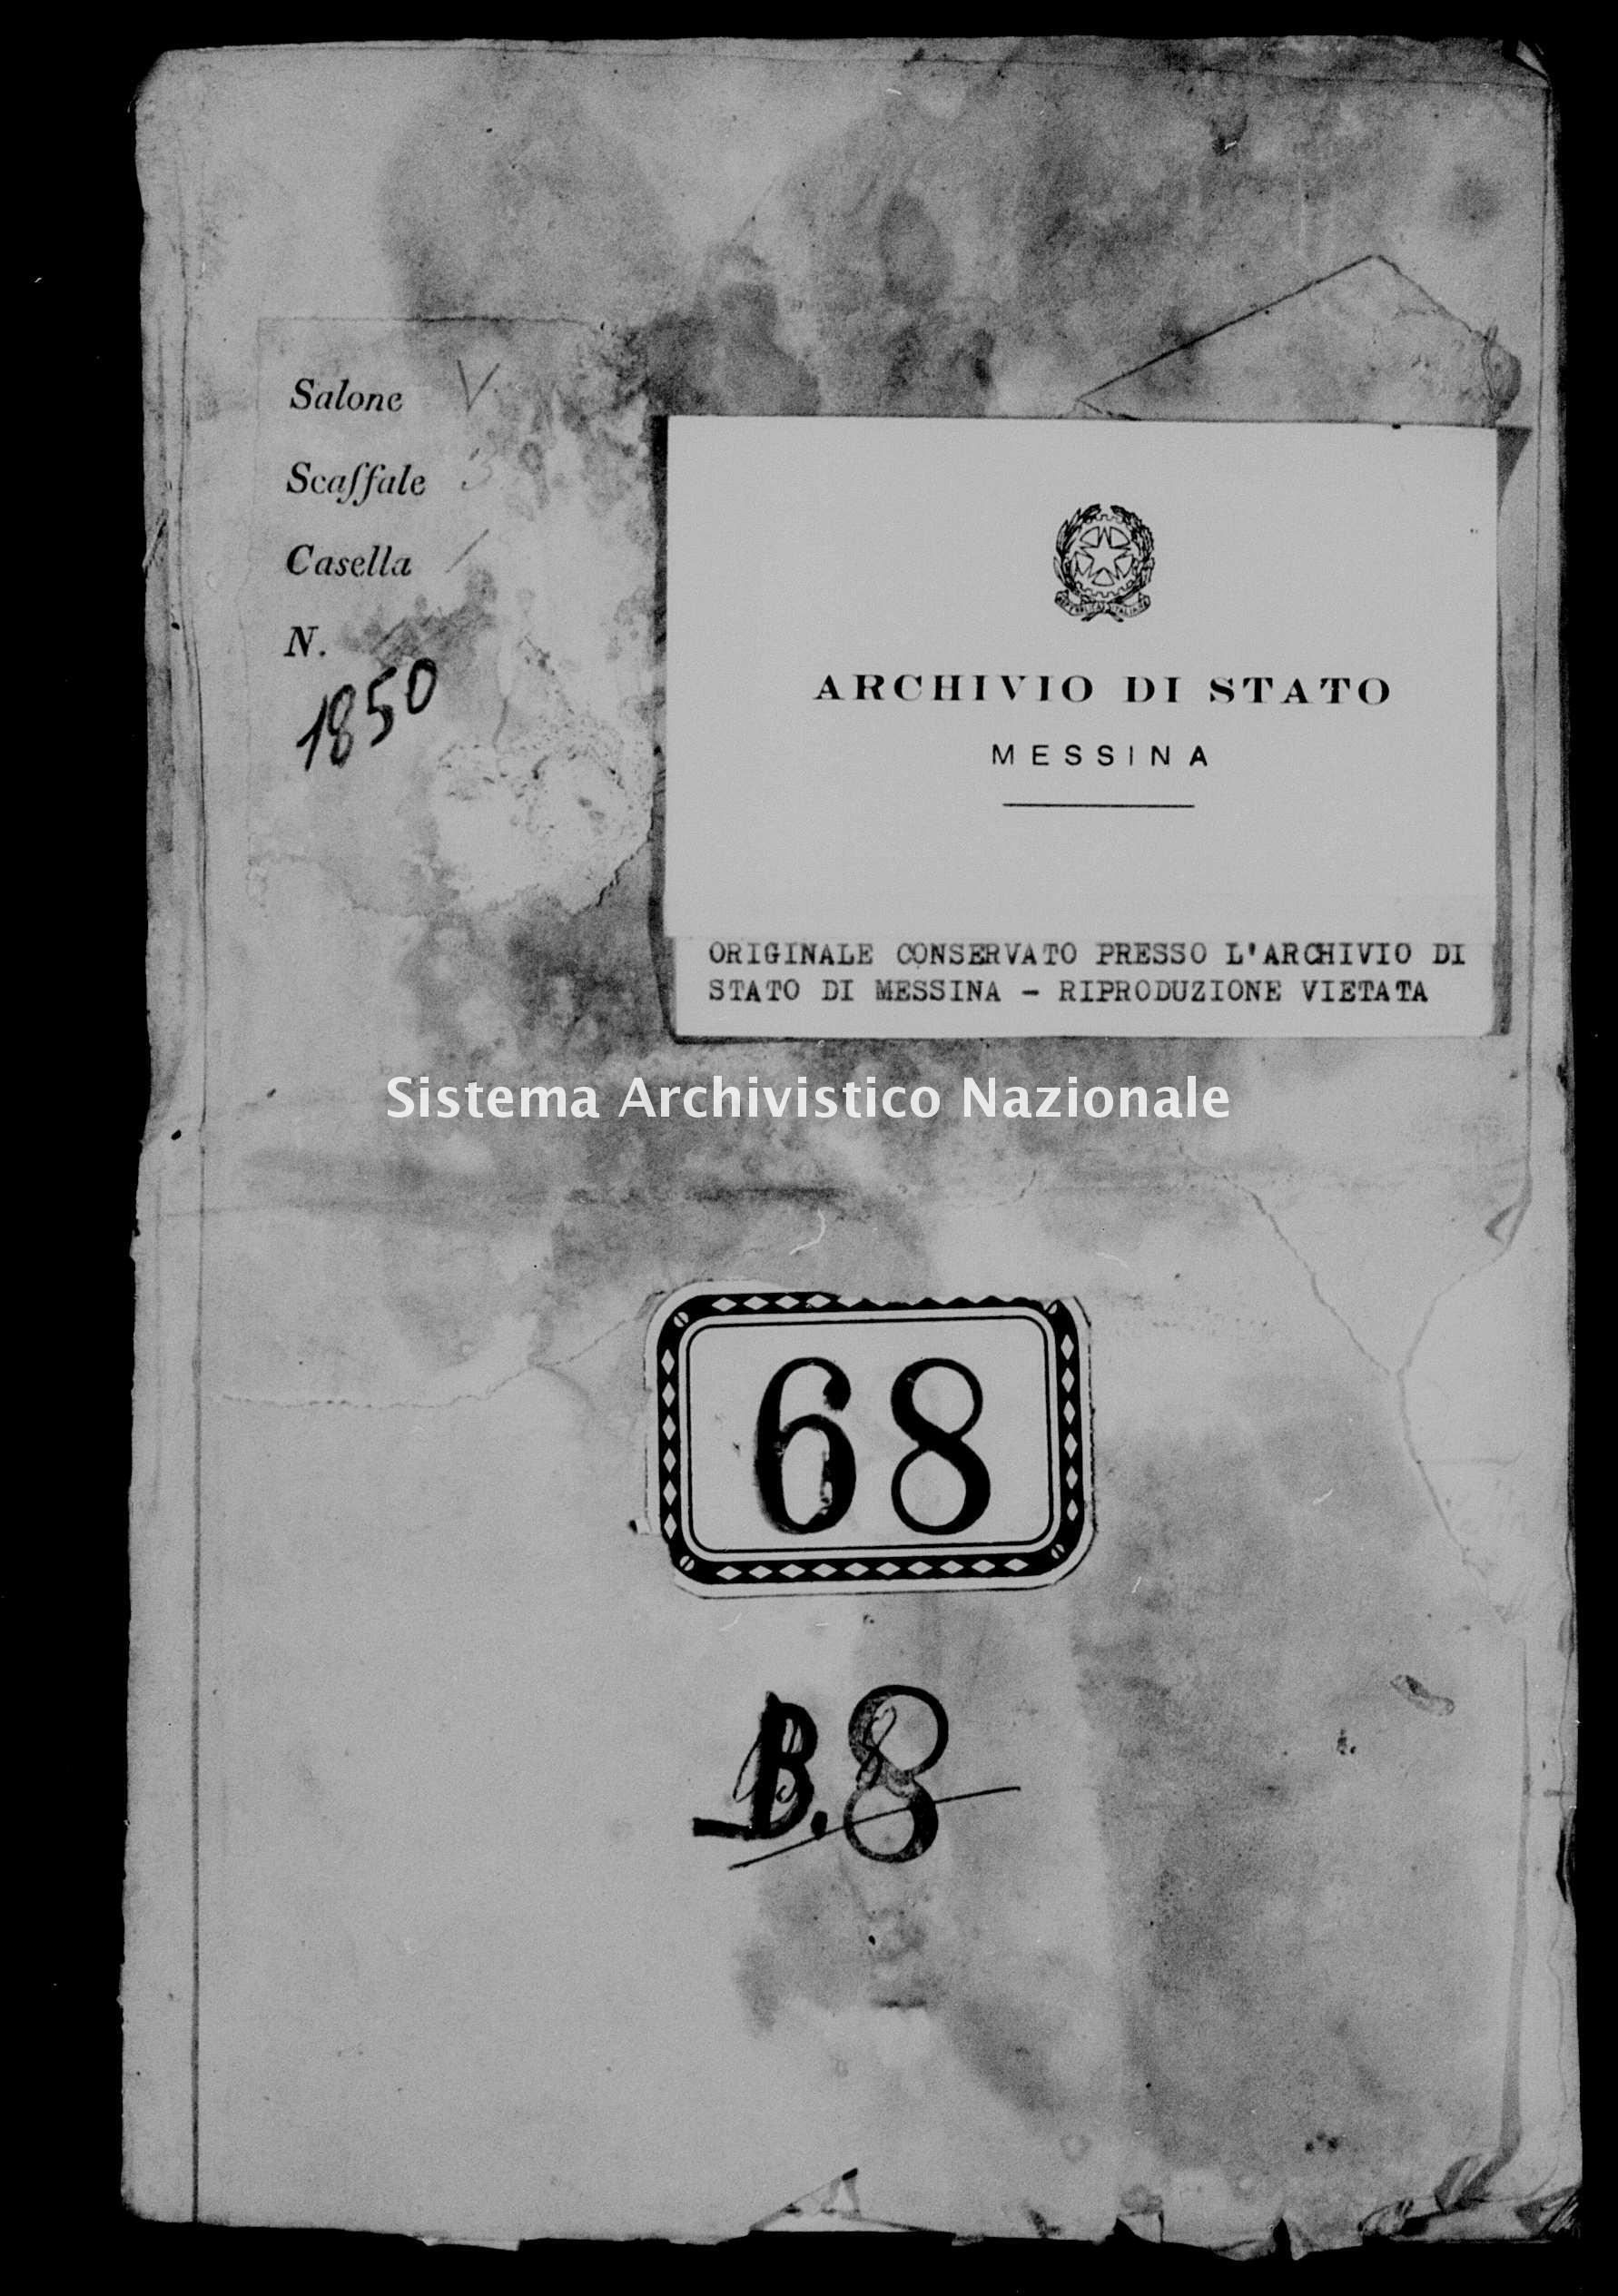 Archivio di stato di Messina - Stato civile della restaurazione - Alcara li Fusi - Diversi - 1850 -